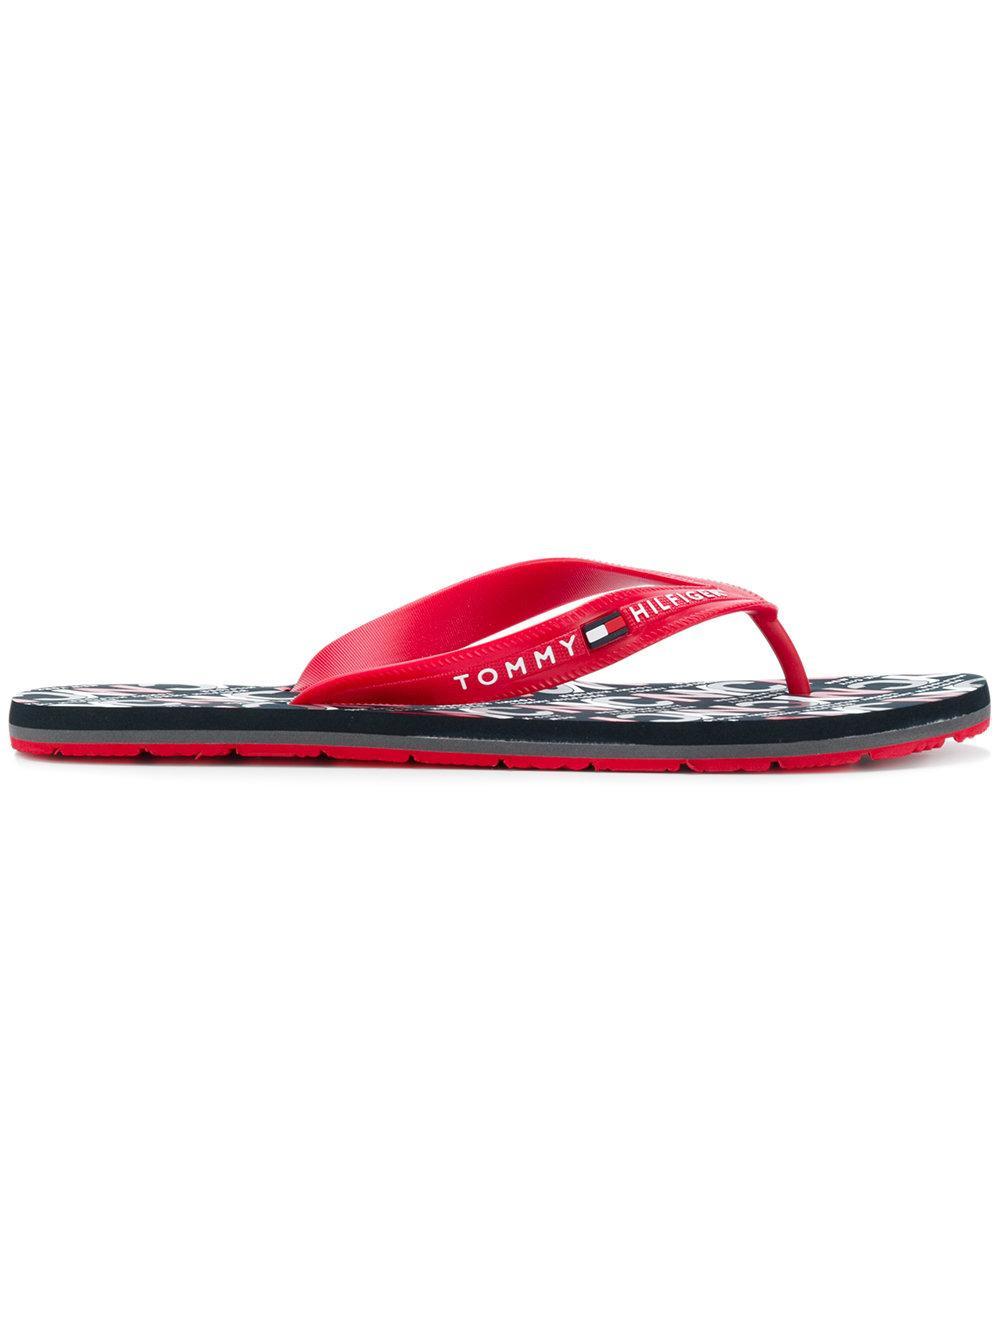 24ac8666f905d3 Tommy Hilfiger Logo Stamped Flip Flops - Red